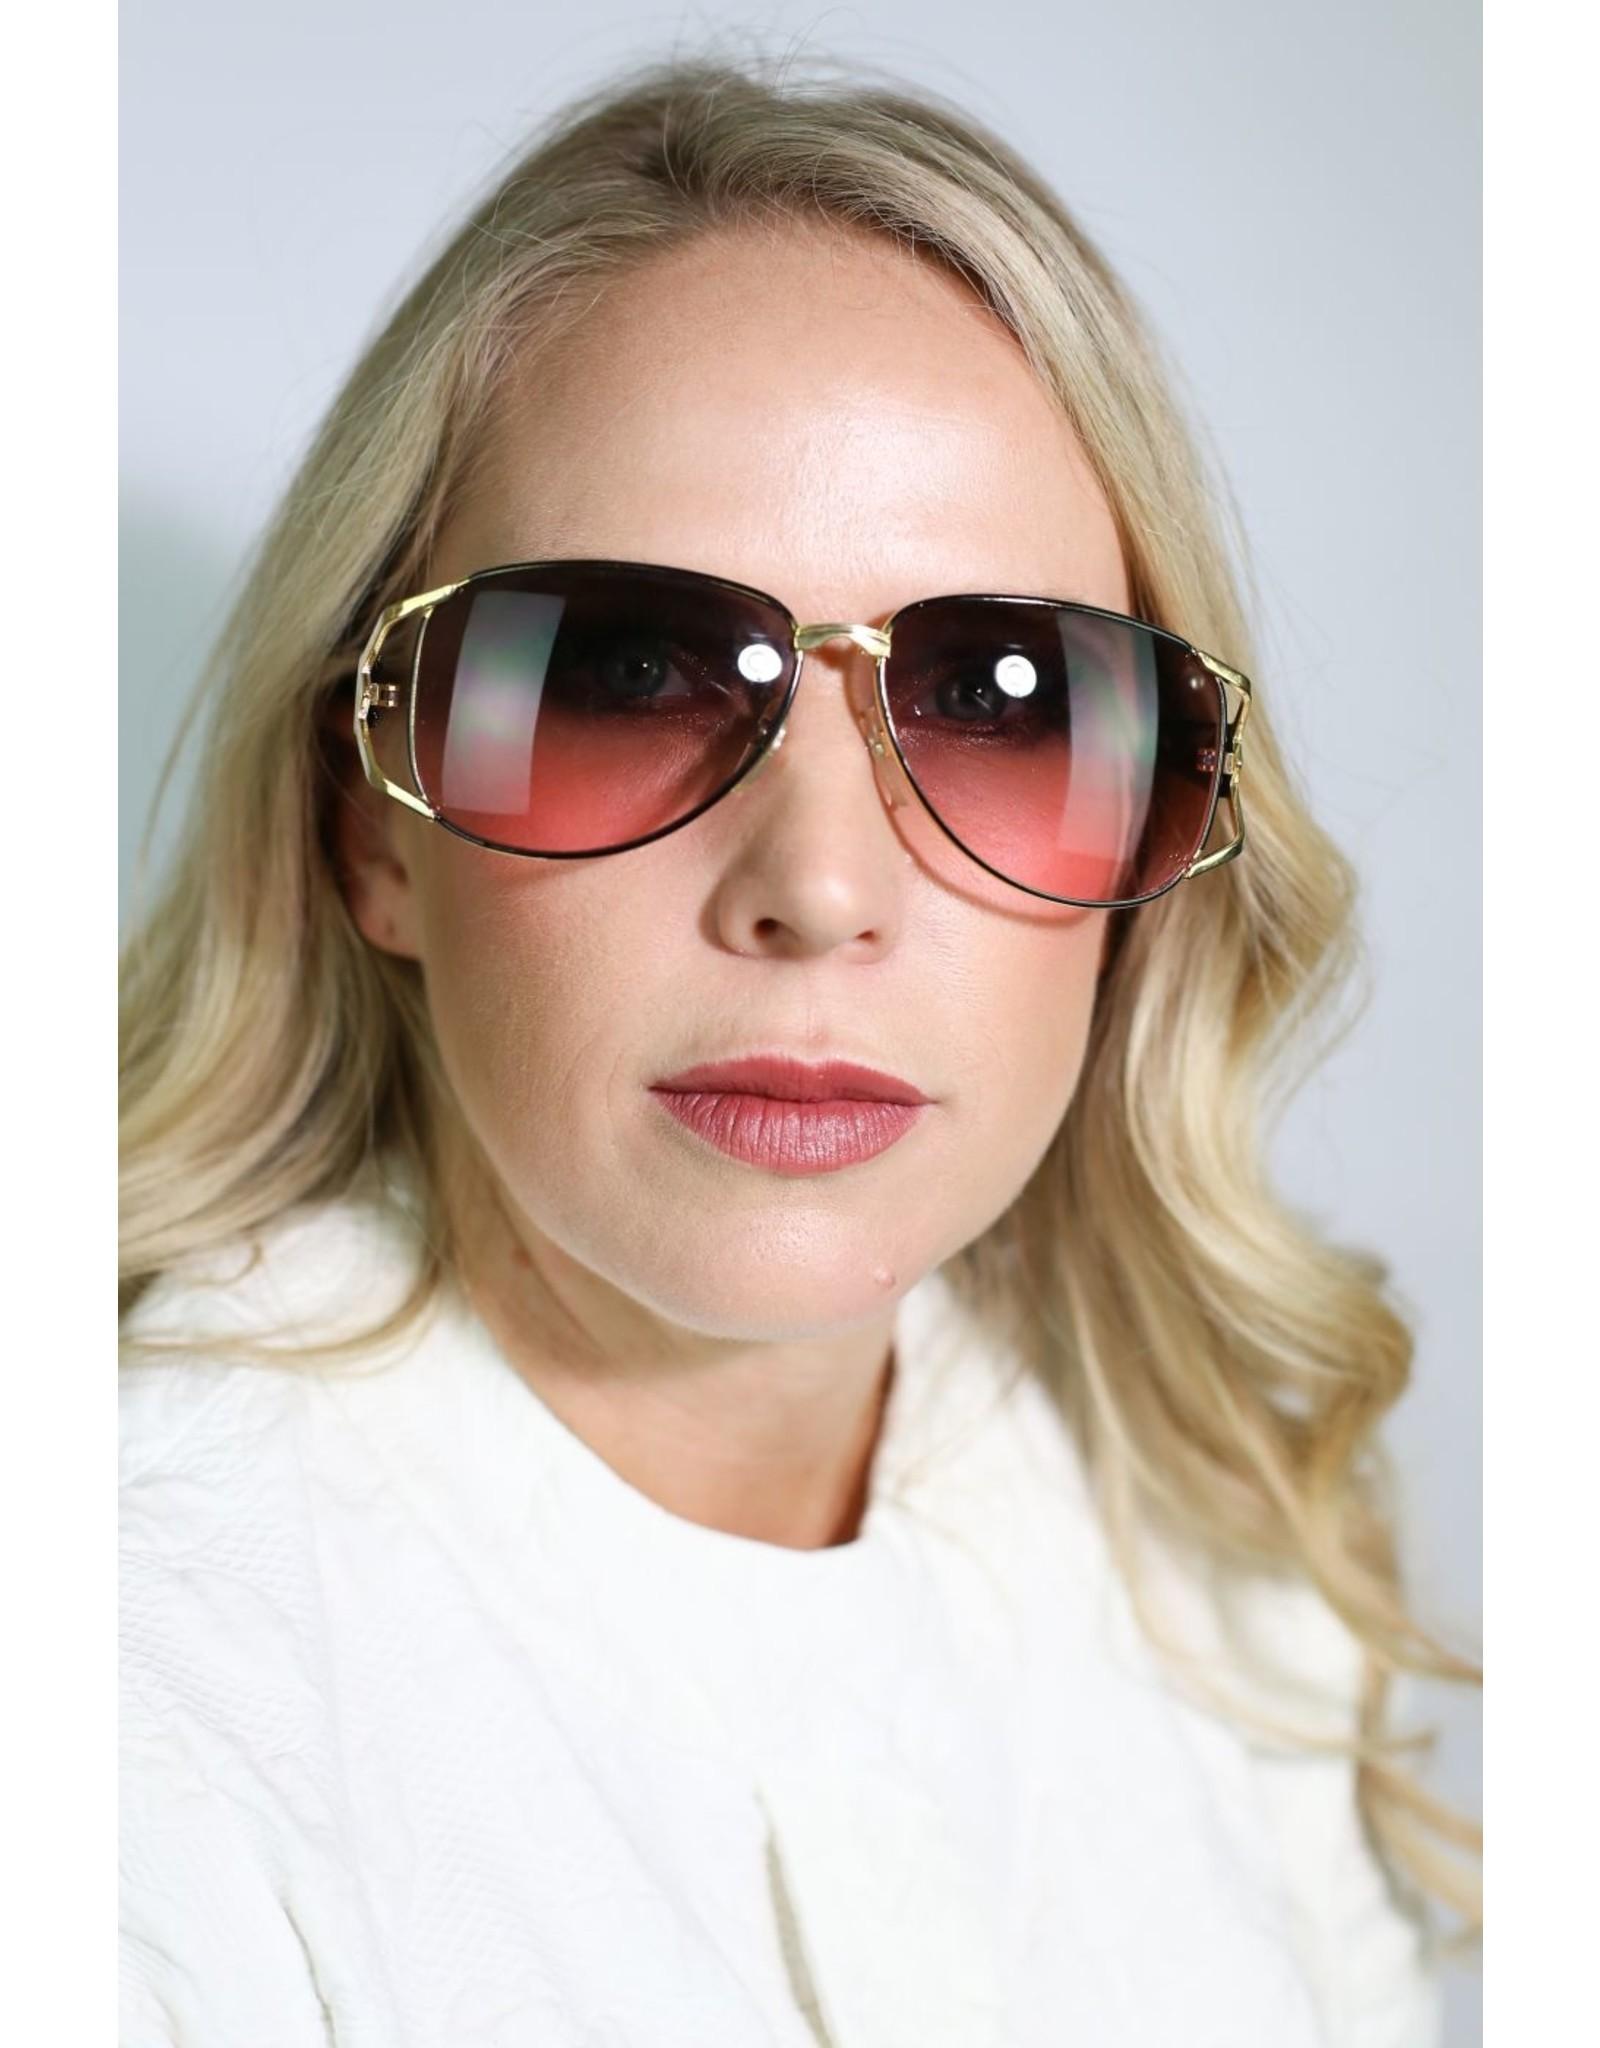 1970's Gold & Black Aviator Sunglasses (NOS)